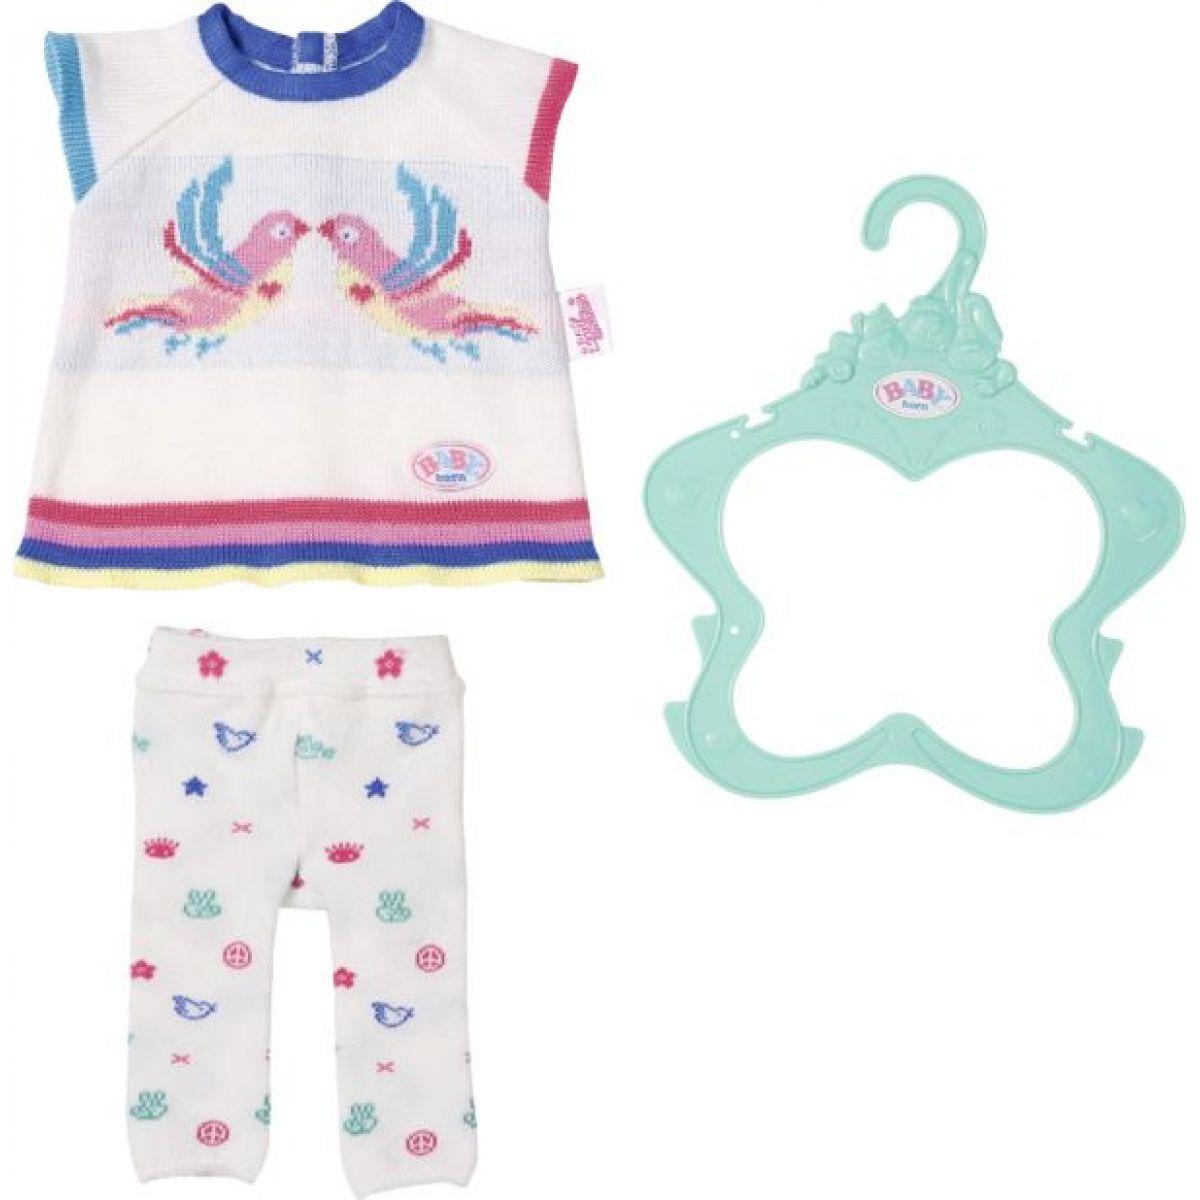 Zapf Creation Baby Born® Pletené oblečení